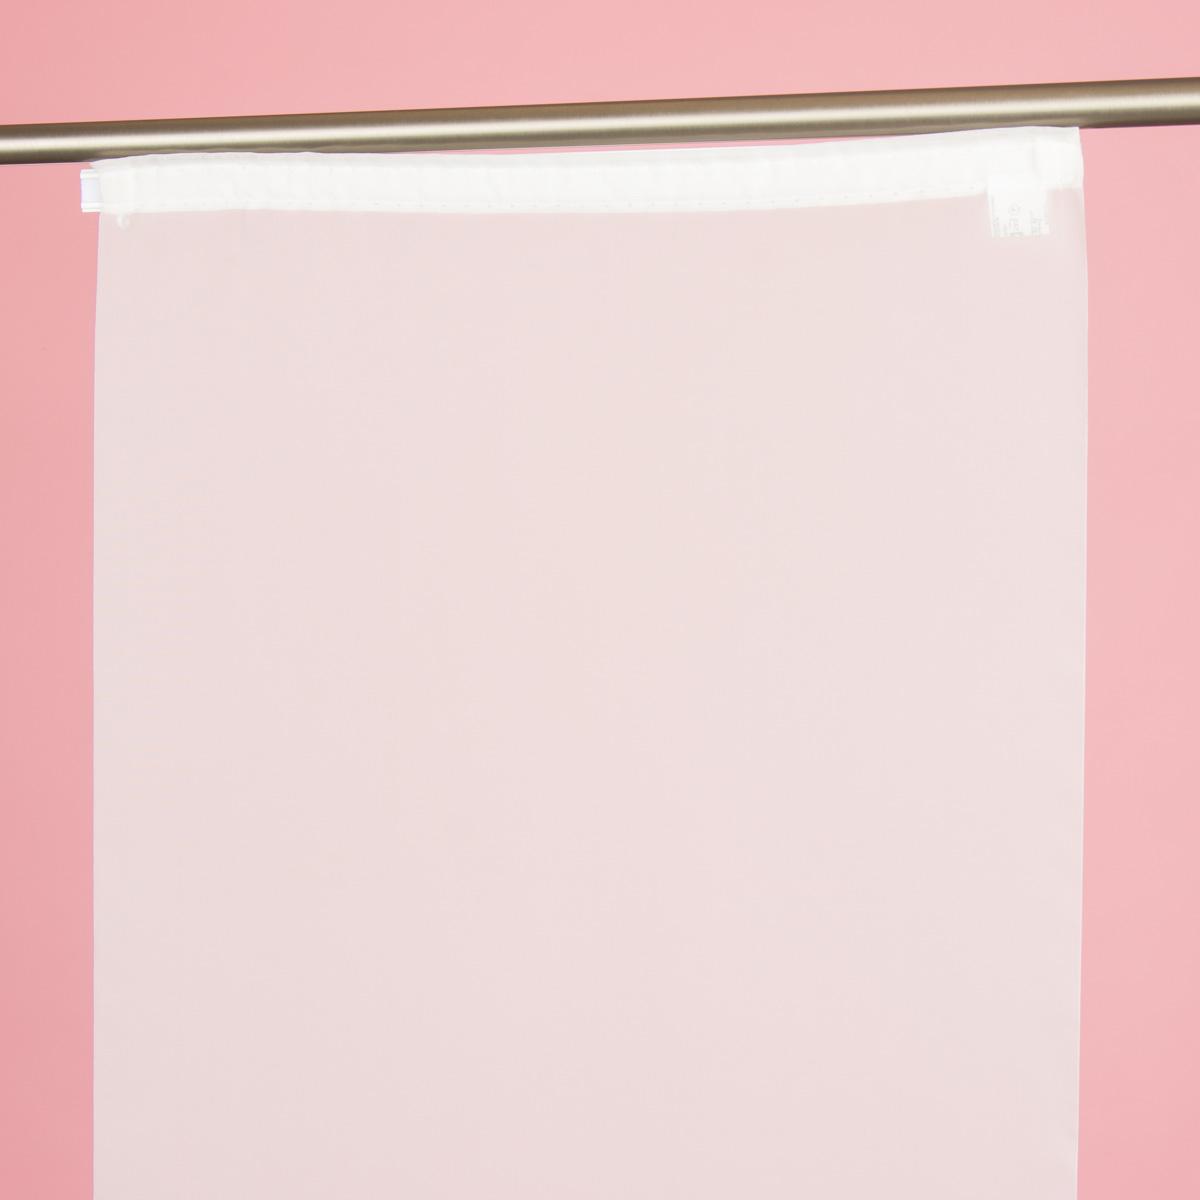 Schiebevorhang Flächenvorhang Eva uni weiß 245x60cm